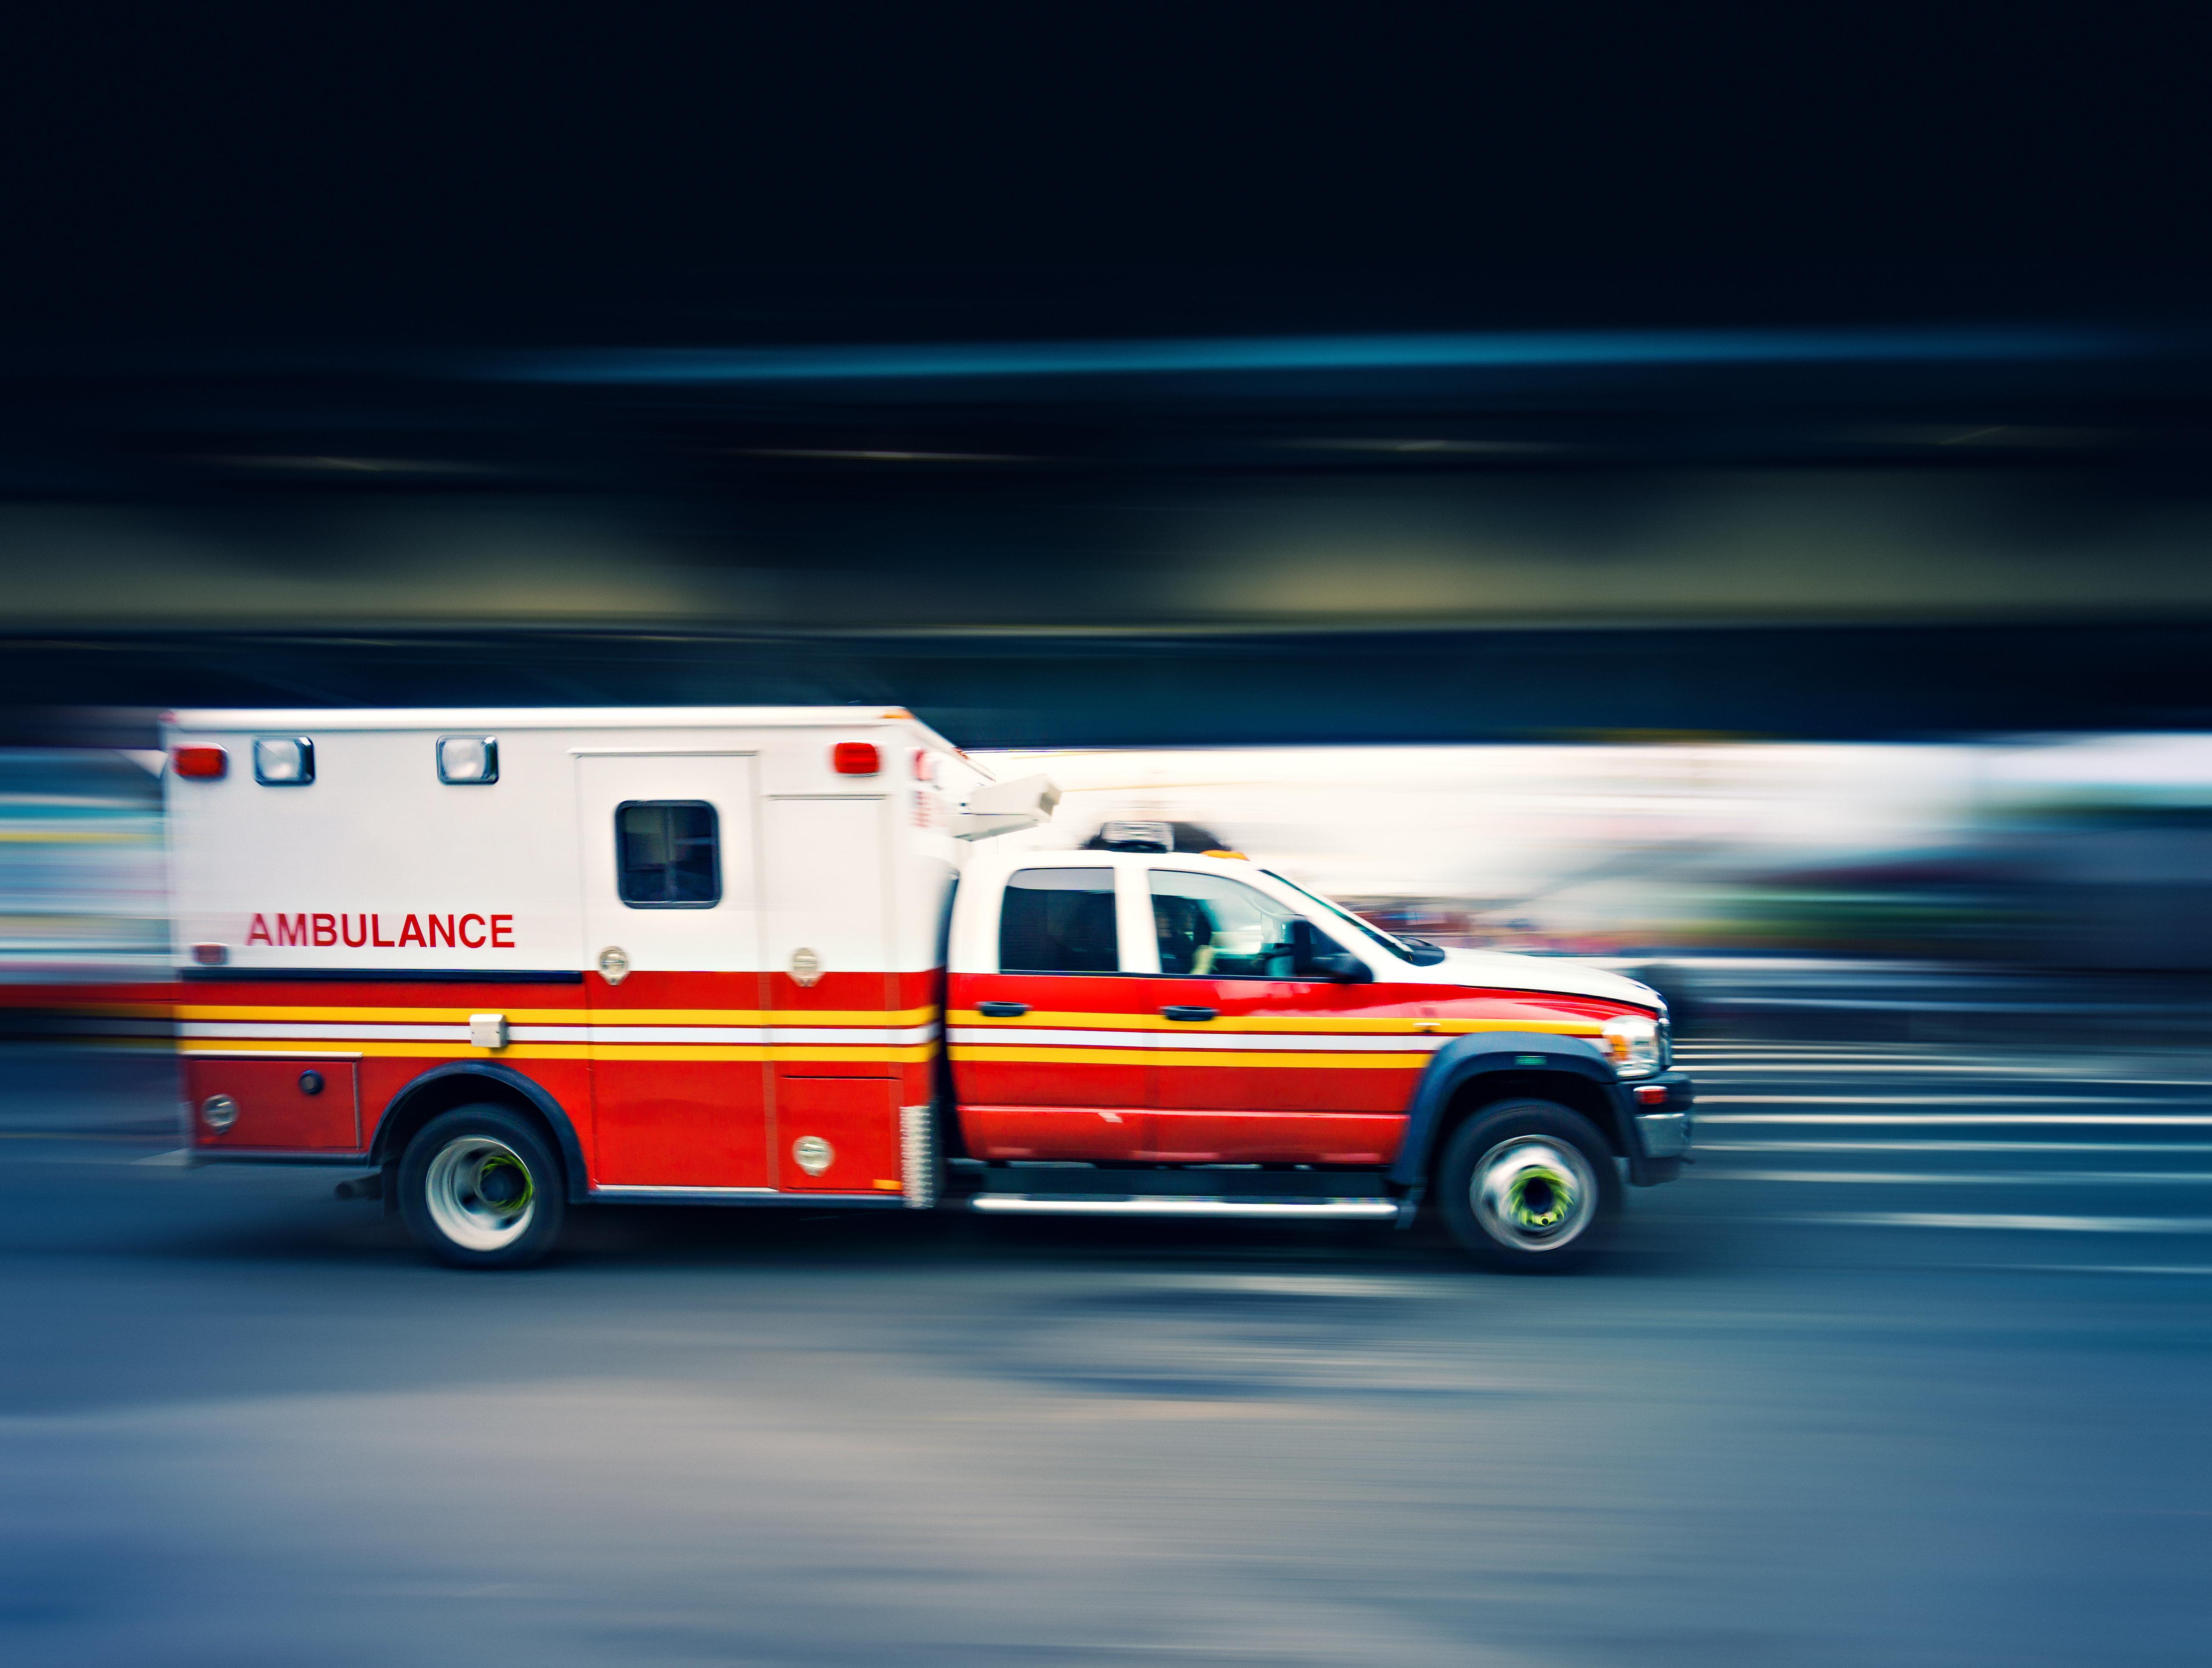 USA: Neunjähriger erschießt Schwester wegen Controllers